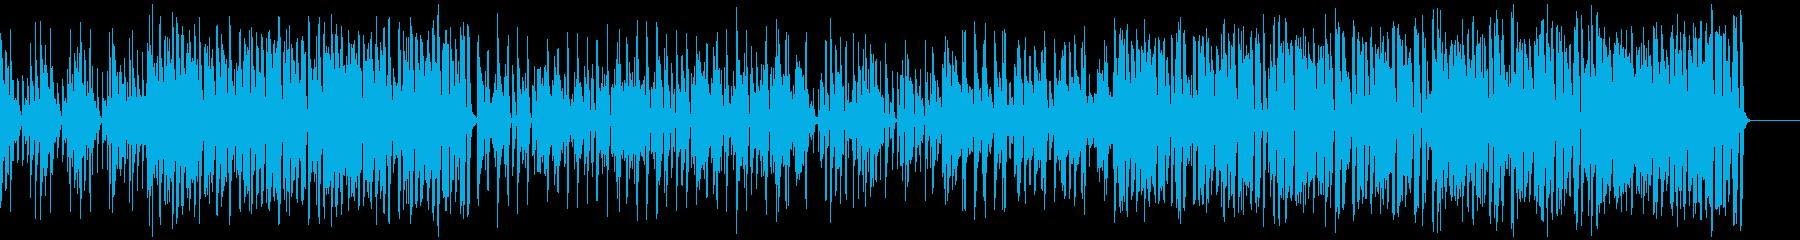 源さんっぽいハッピーHipHop【逃恥】の再生済みの波形